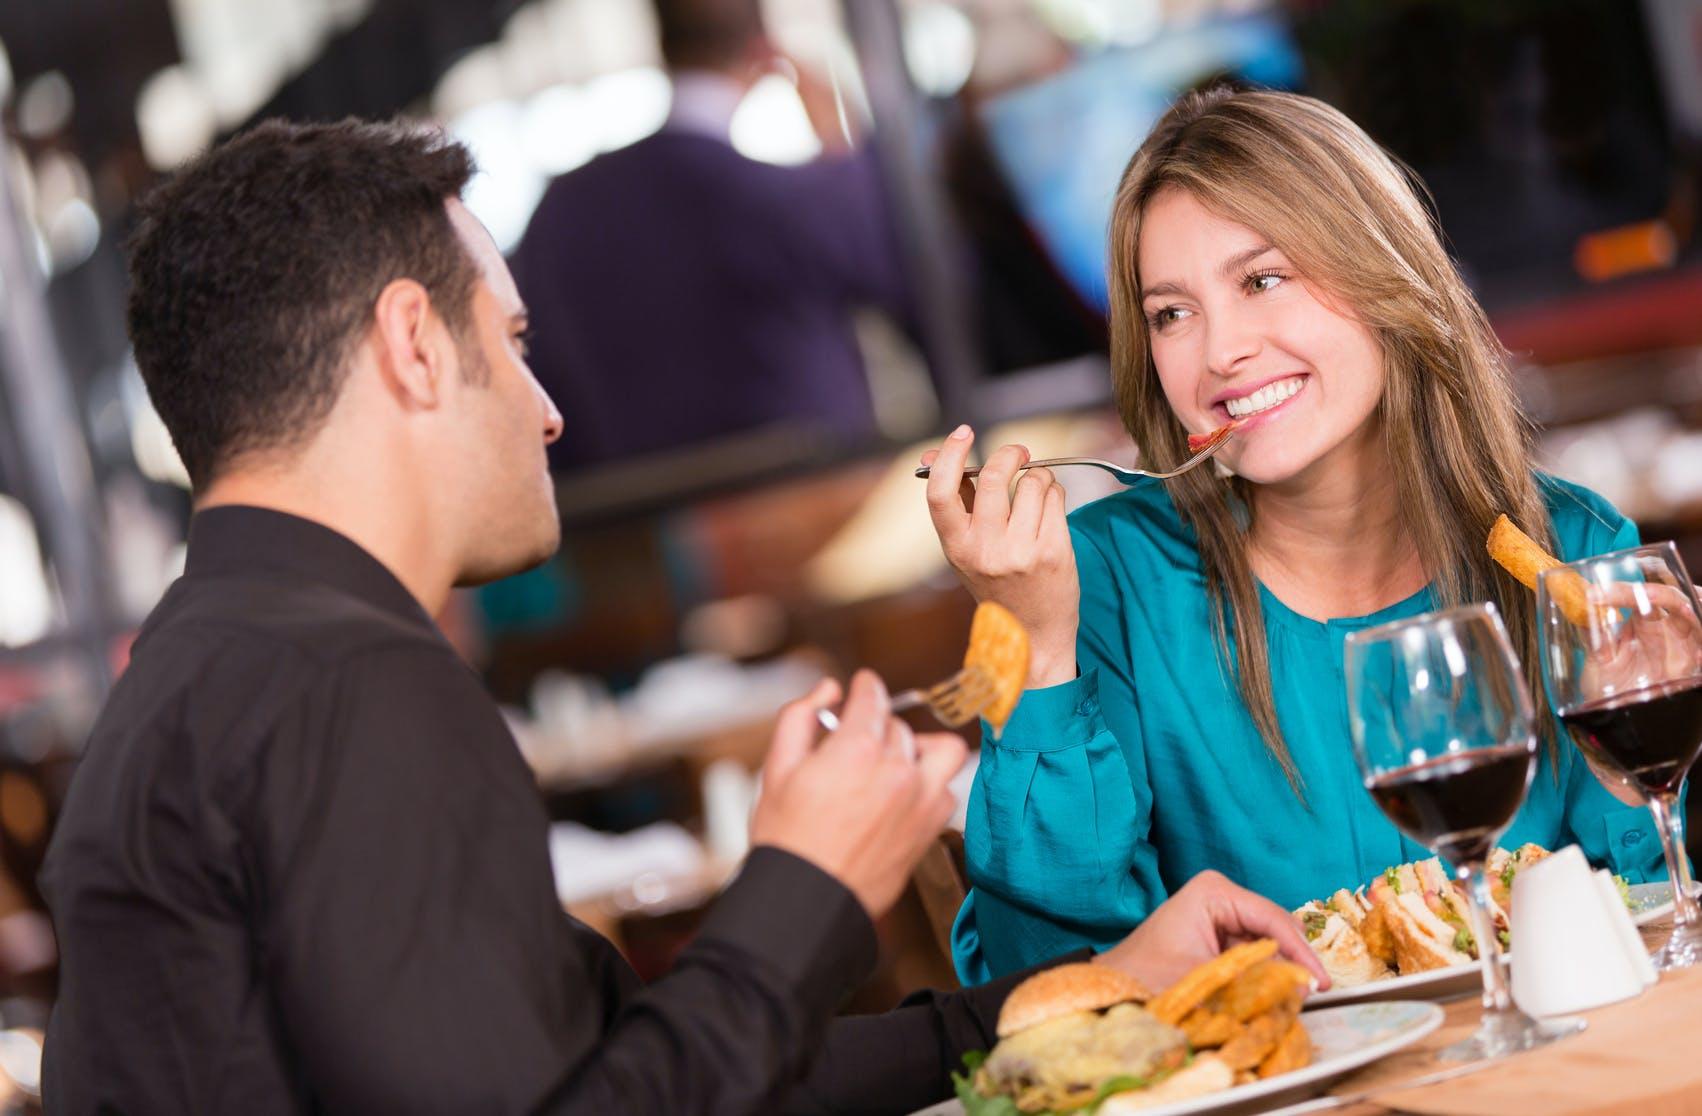 Τι κάθε άνθρωπος πρέπει να αποφύγετε στο πρώτο ραντεβού